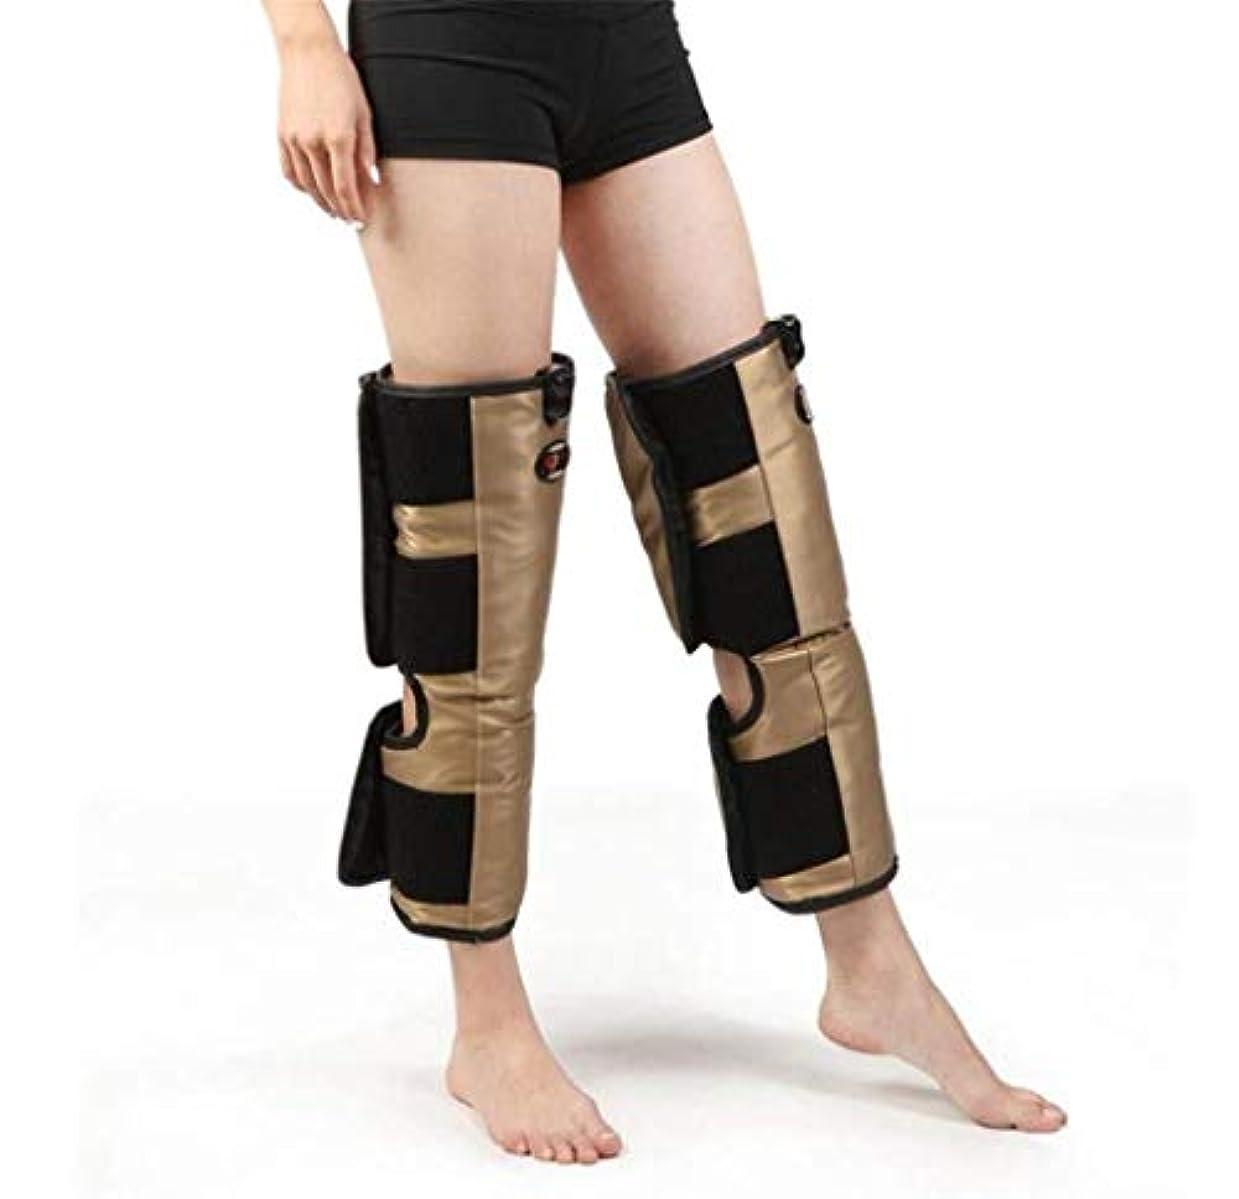 雇用者敏感なドメイン脚マッサージャー、電気膝ブレース、oxiホット圧縮振動マッサージ療法、多機能電気加熱膝理学療法機器